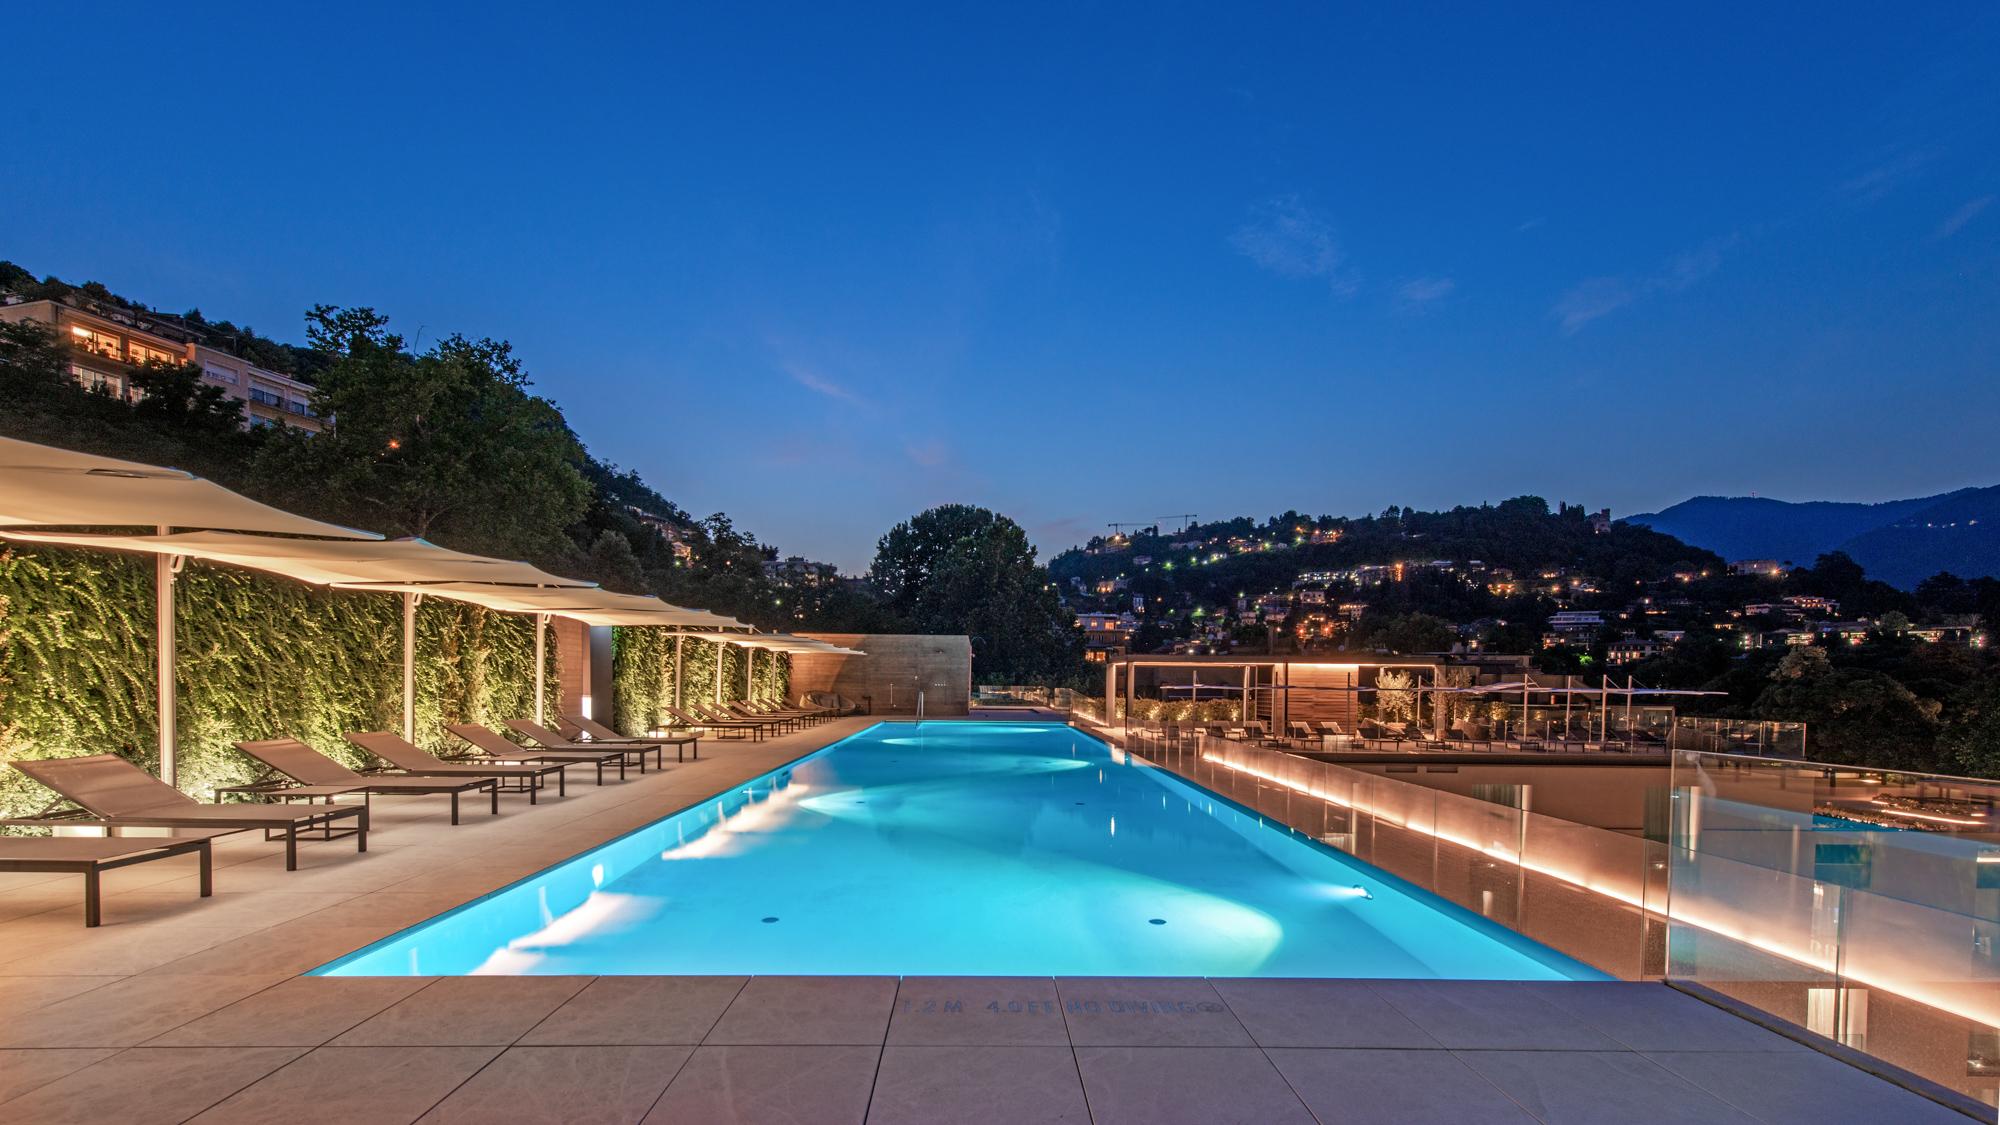 L'Hilton Lake Como apre la sua terrazza per un aperitivo con vista mozzafiato YOUparti